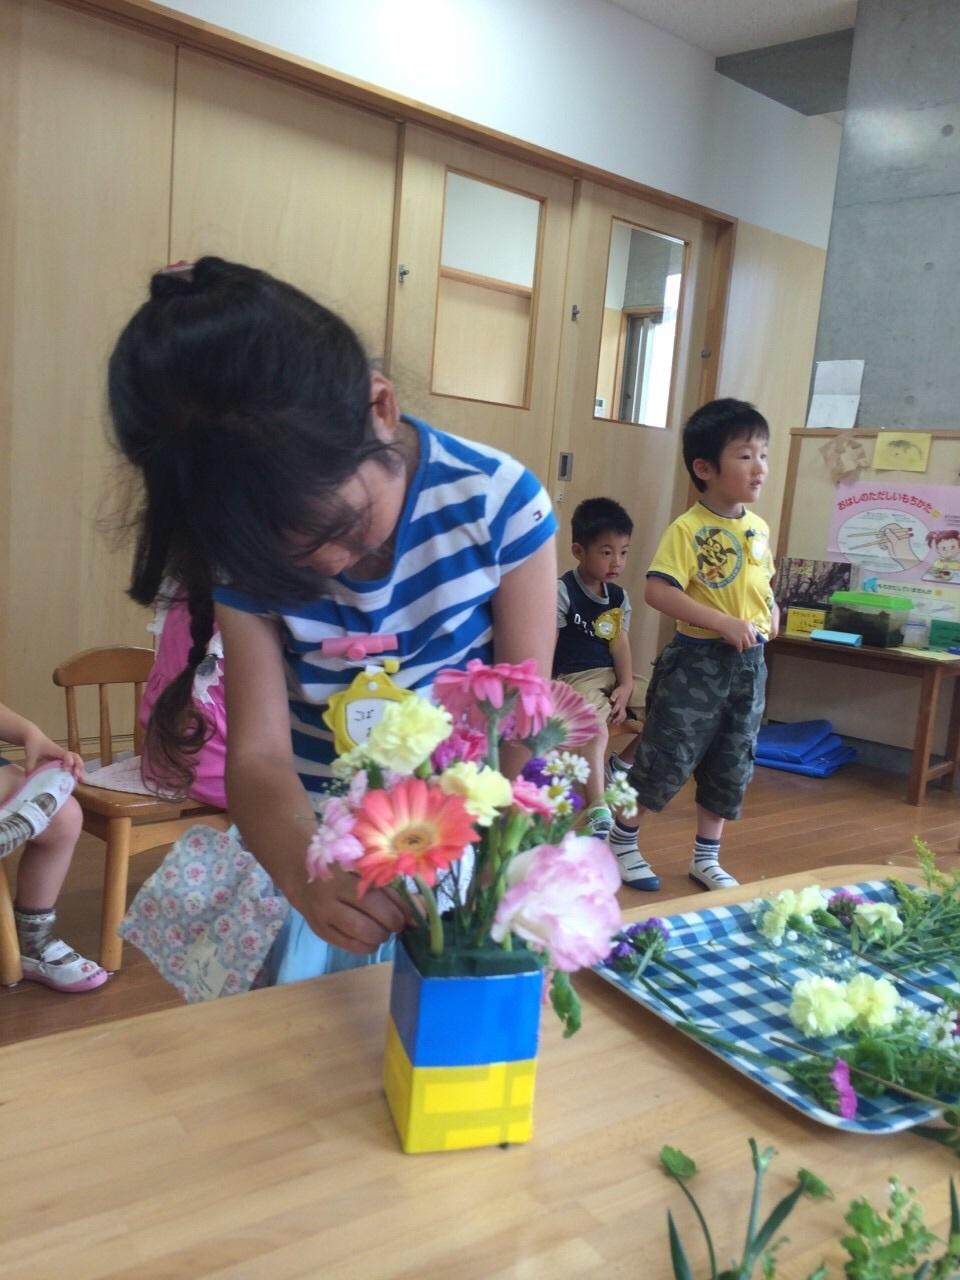 子どもの日・花の日礼拝_f0324461_09295762.jpg